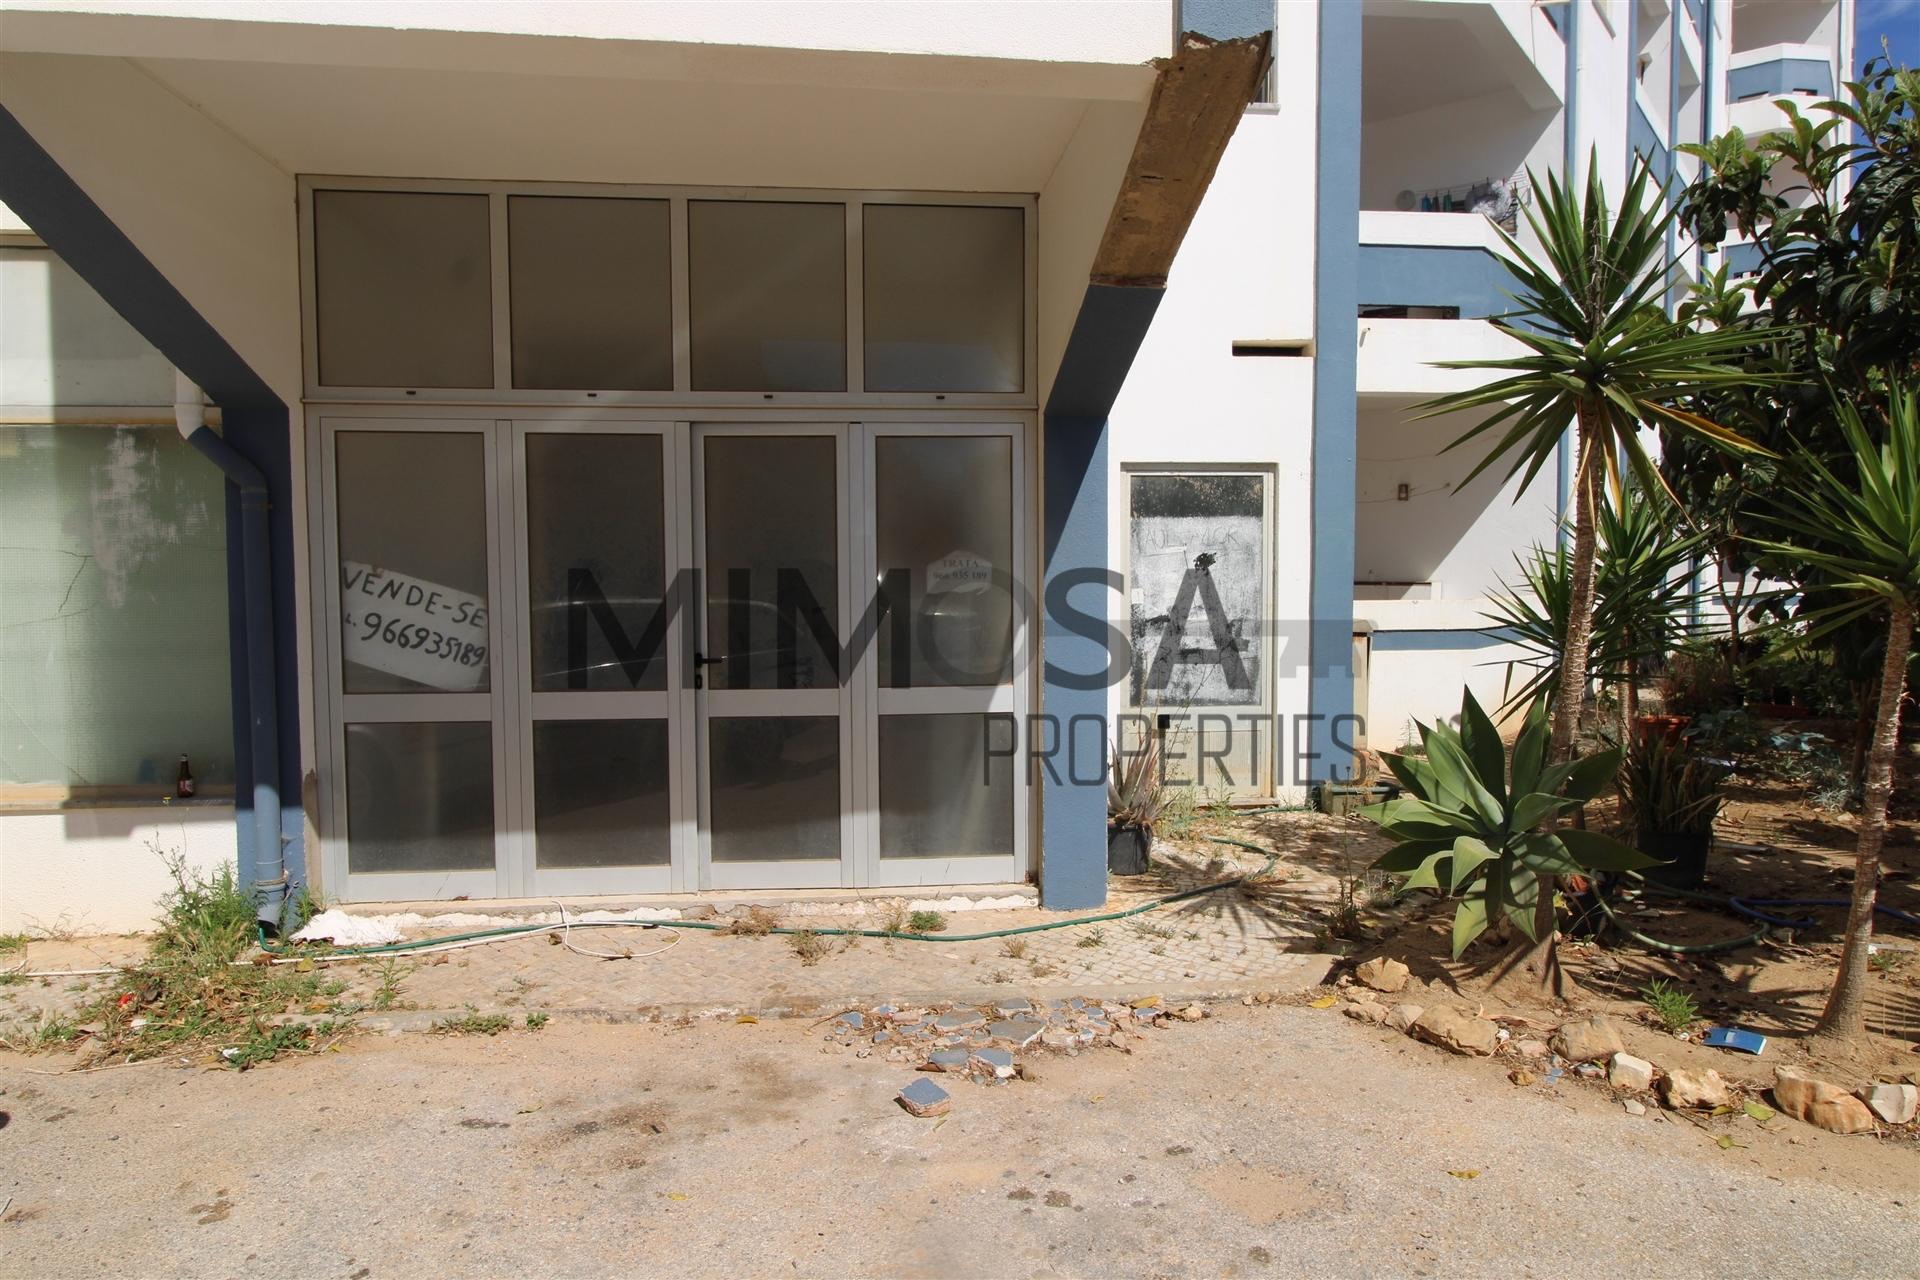 Mimosaproperties - Imobiliária / Real Estate / Makelaars